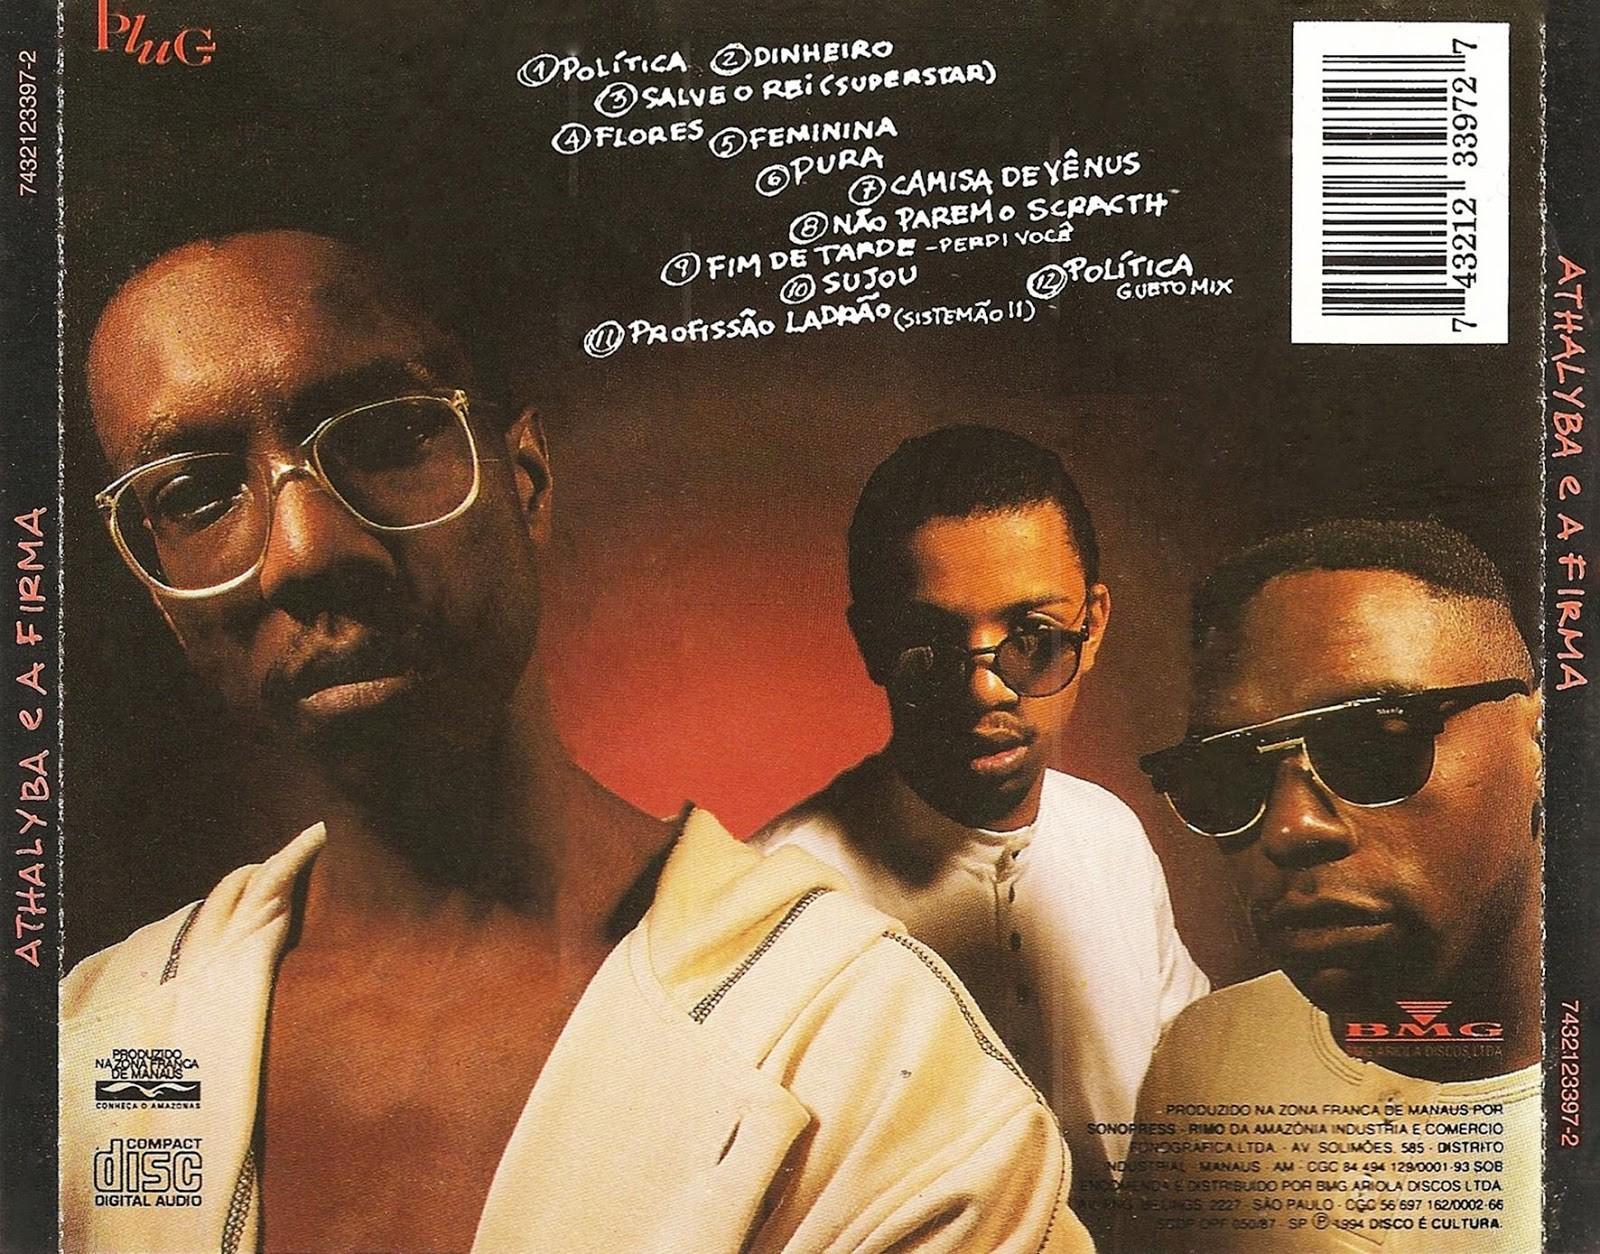 Athaliba e a Firma lanaram 'Poltica' em 1995, em disco que virou um dos maiores clssicos do rap nacional (Foto: Reproduo)